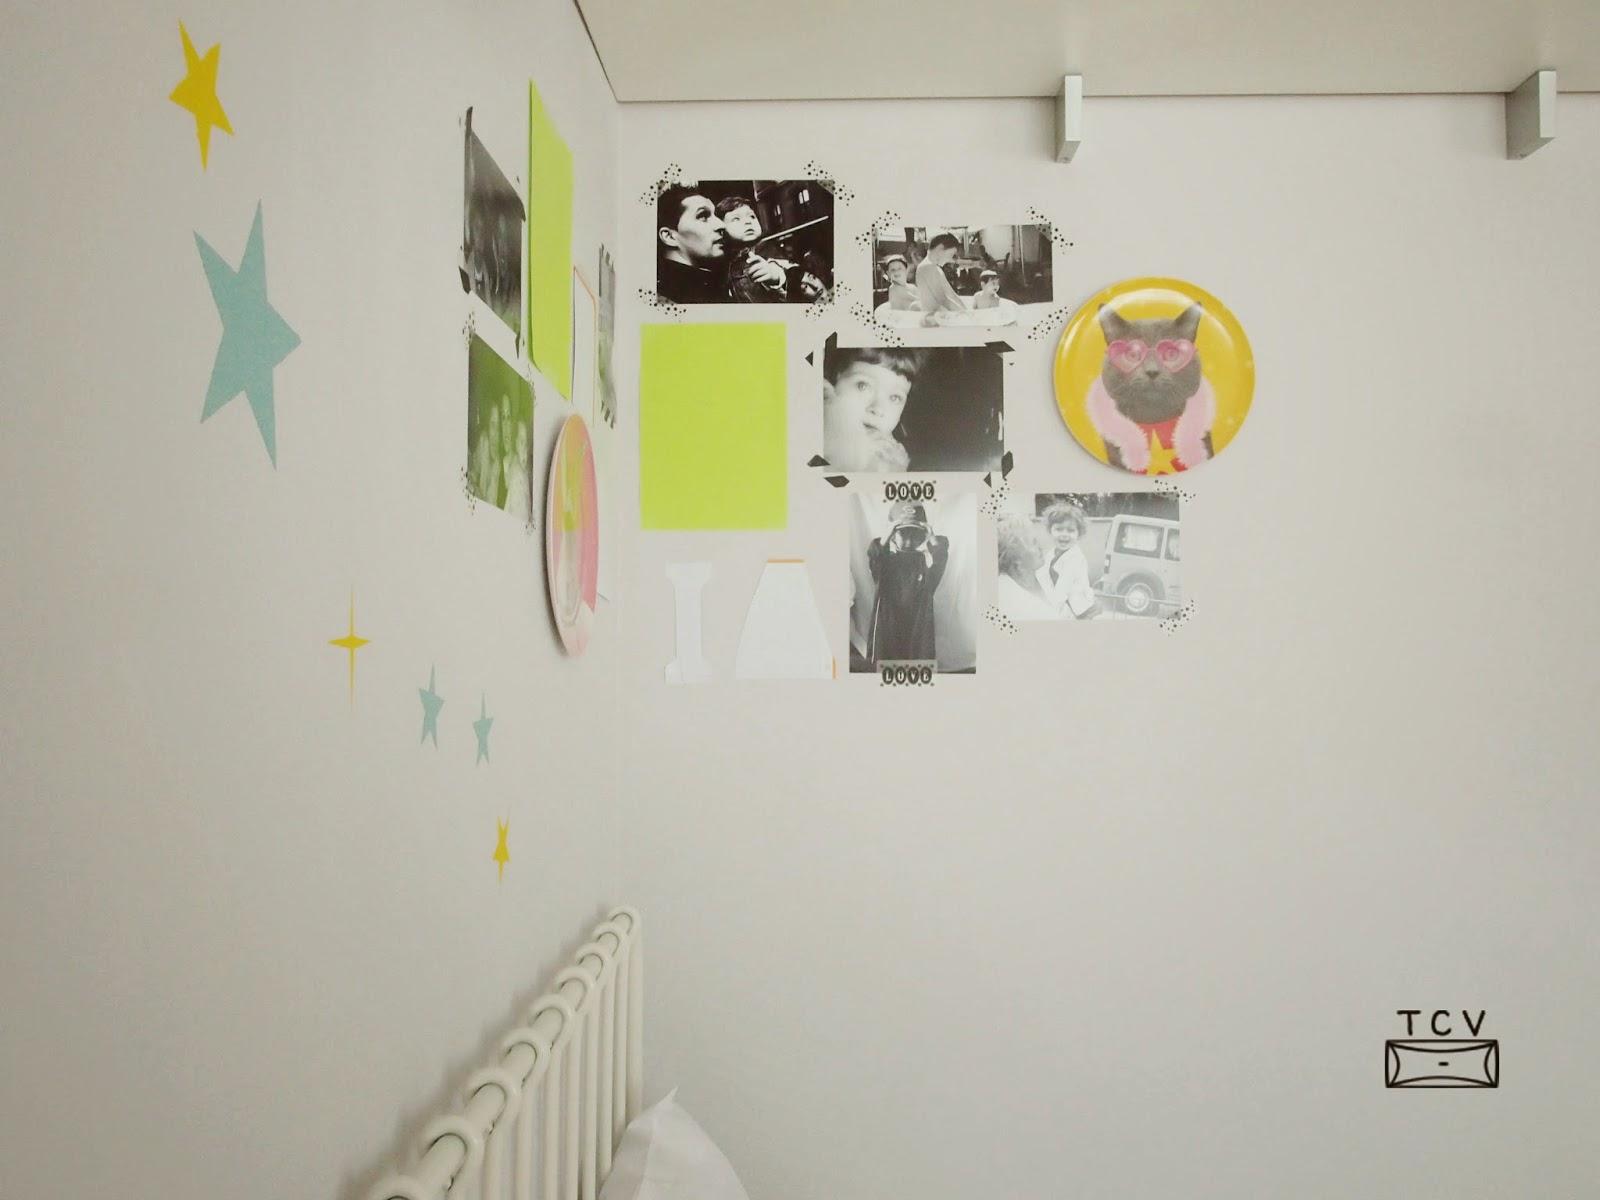 diseña un moodboard para decorar la pared